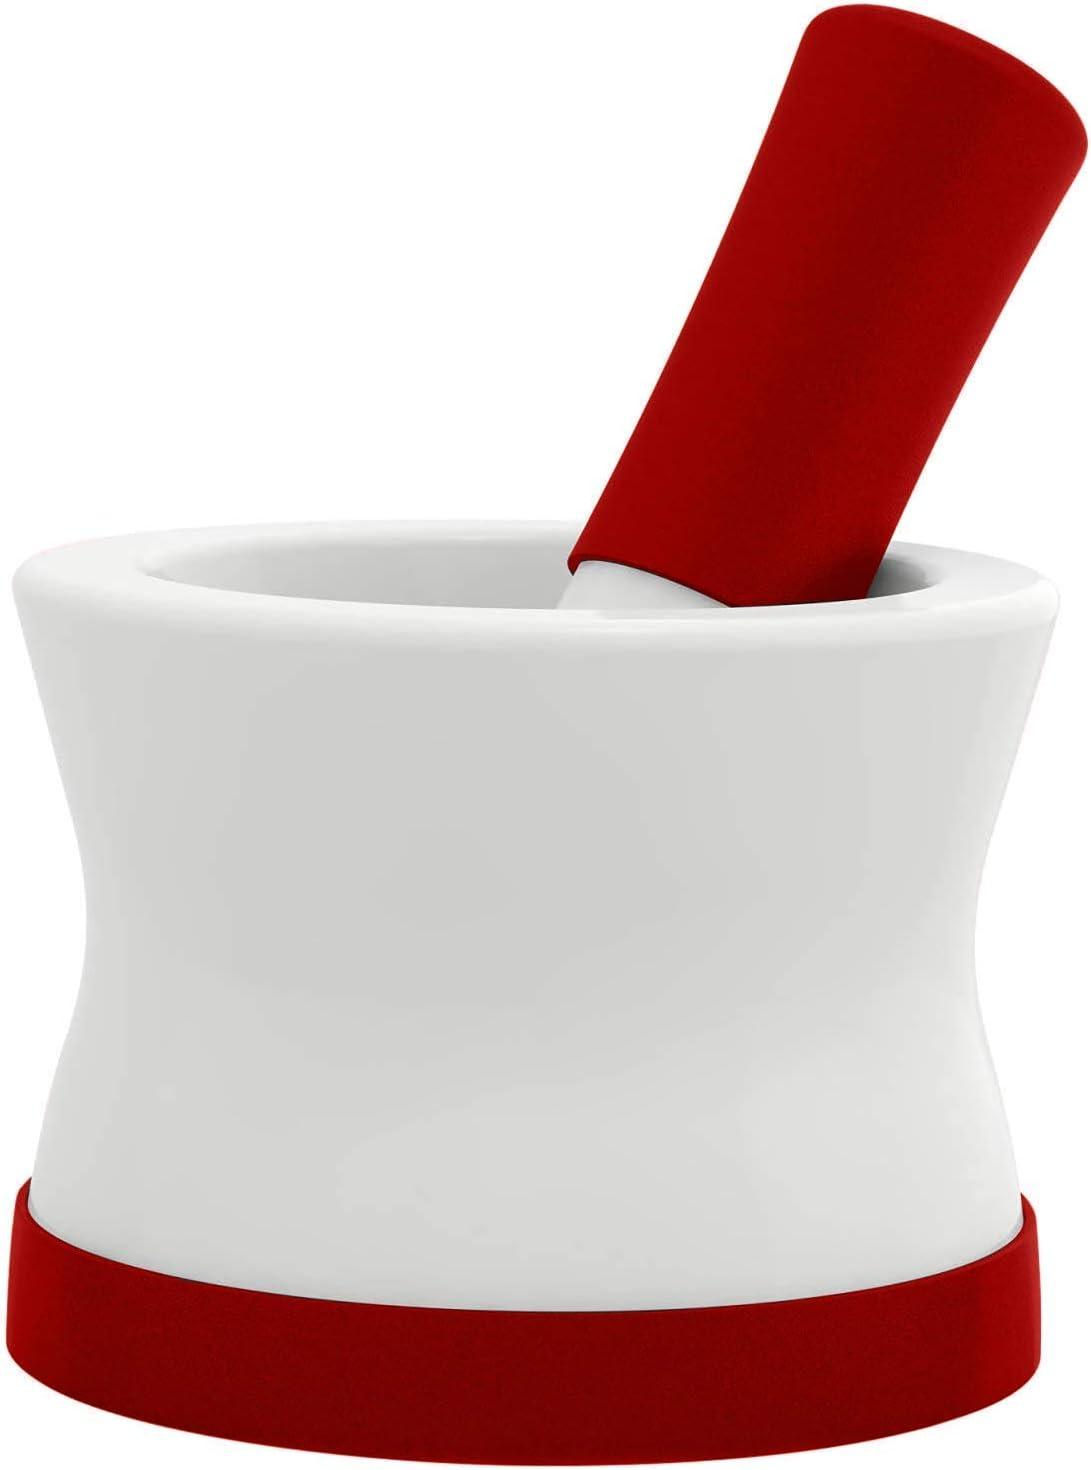 Mortero y mortero de silicona y porcelana rojos EZ-Grip con base de silicona desmontable antideslizante - NUEVO DISEÑO - Apto para lavavajillas de Cooler Kitchen